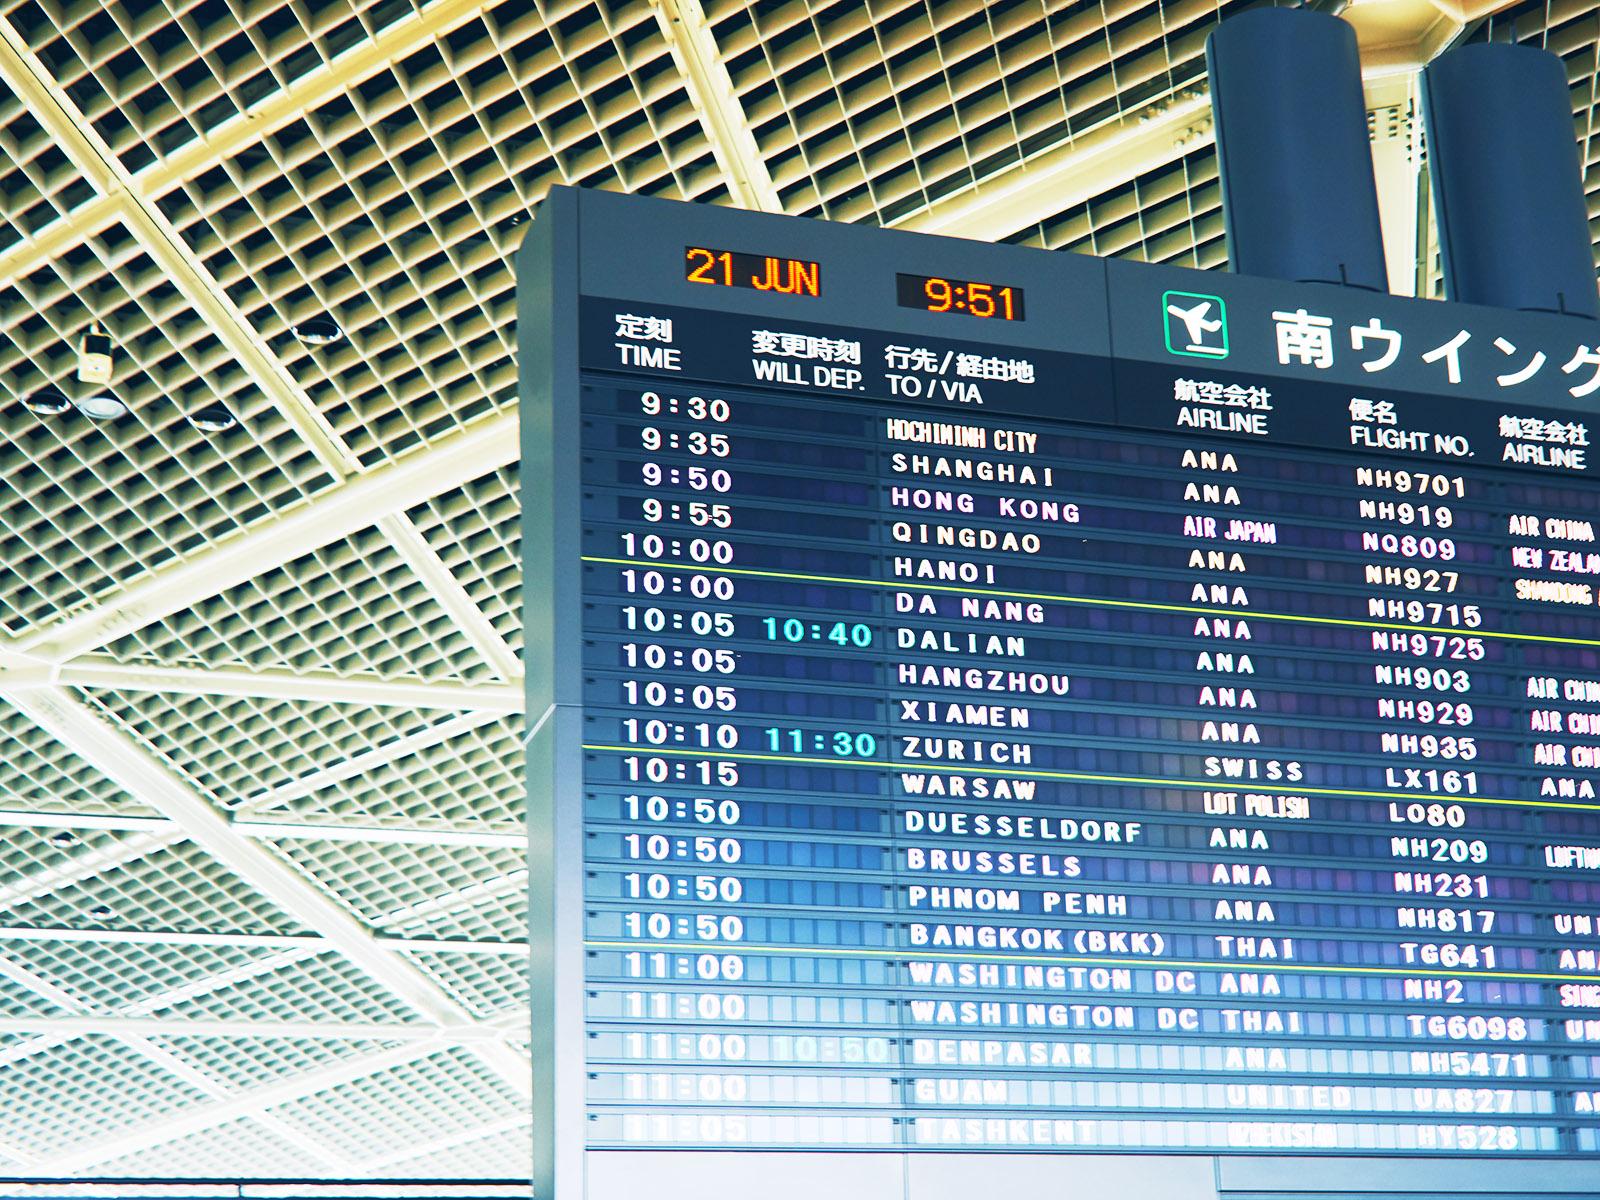 【2021年最新】パラオへ向かう直行便はある?直行便と経由便のフライト情報